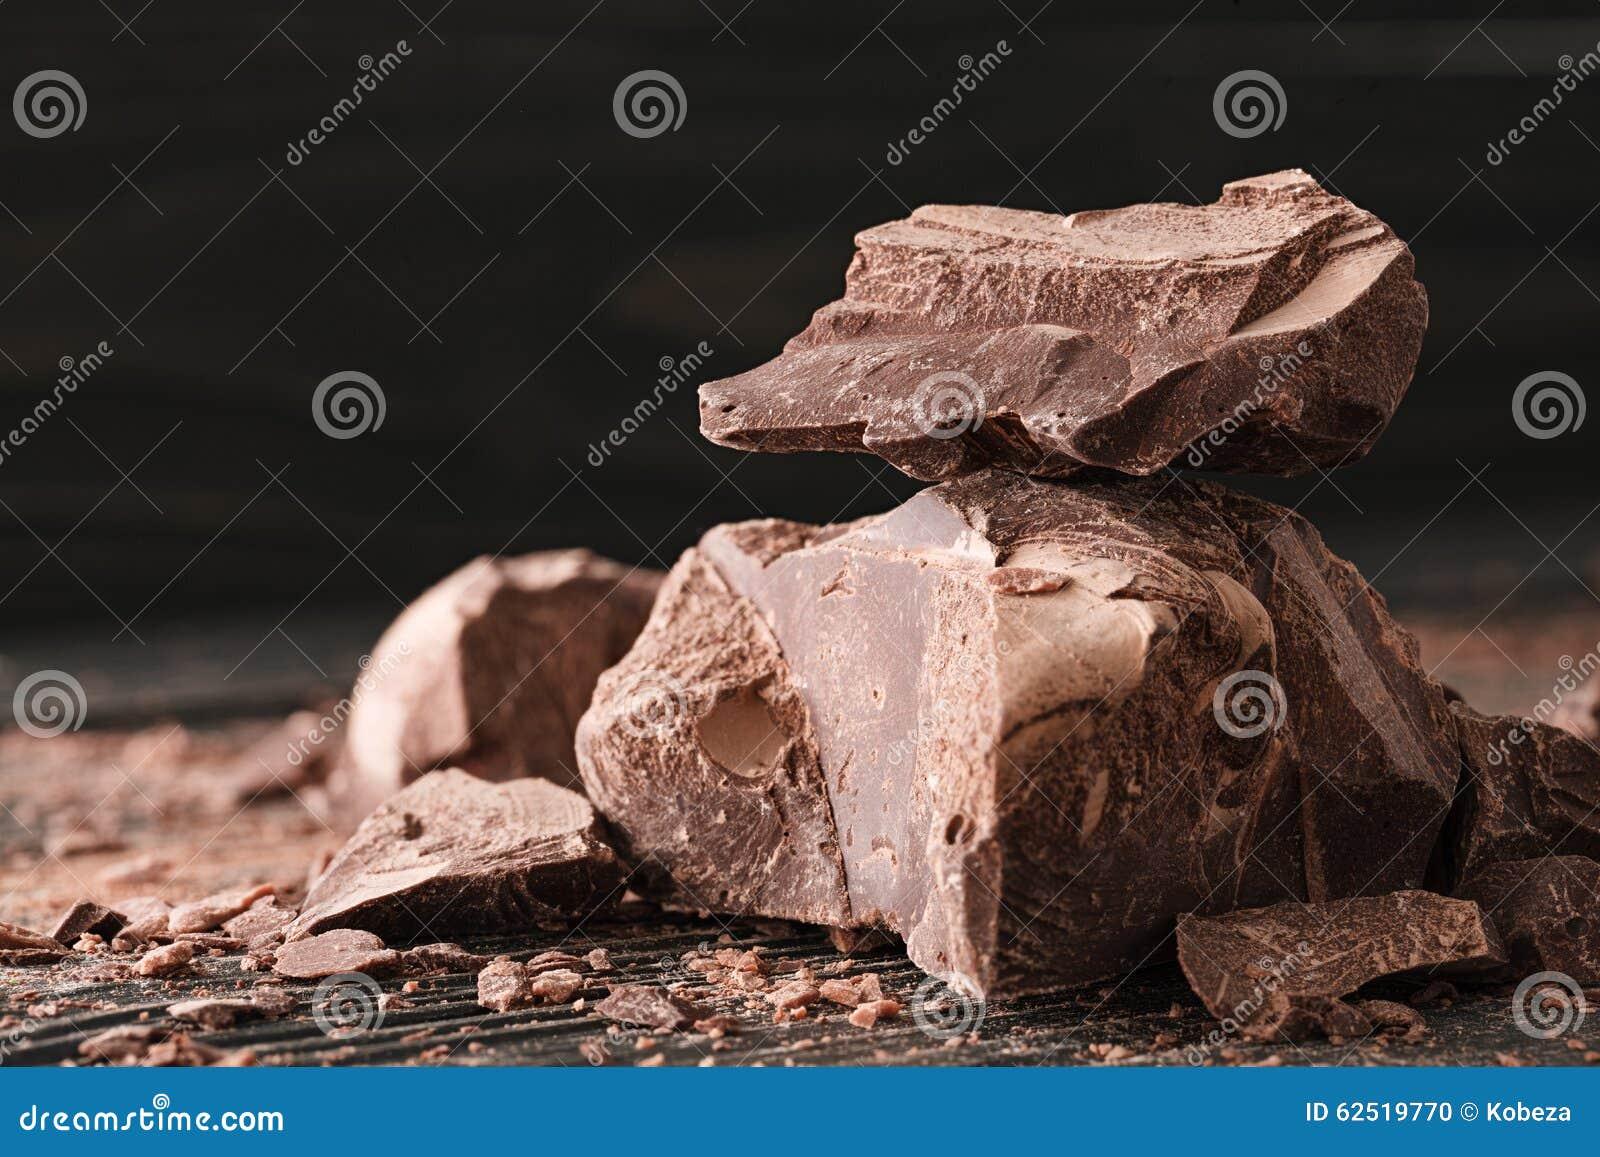 Morceaux de chocolat sur un backround foncé